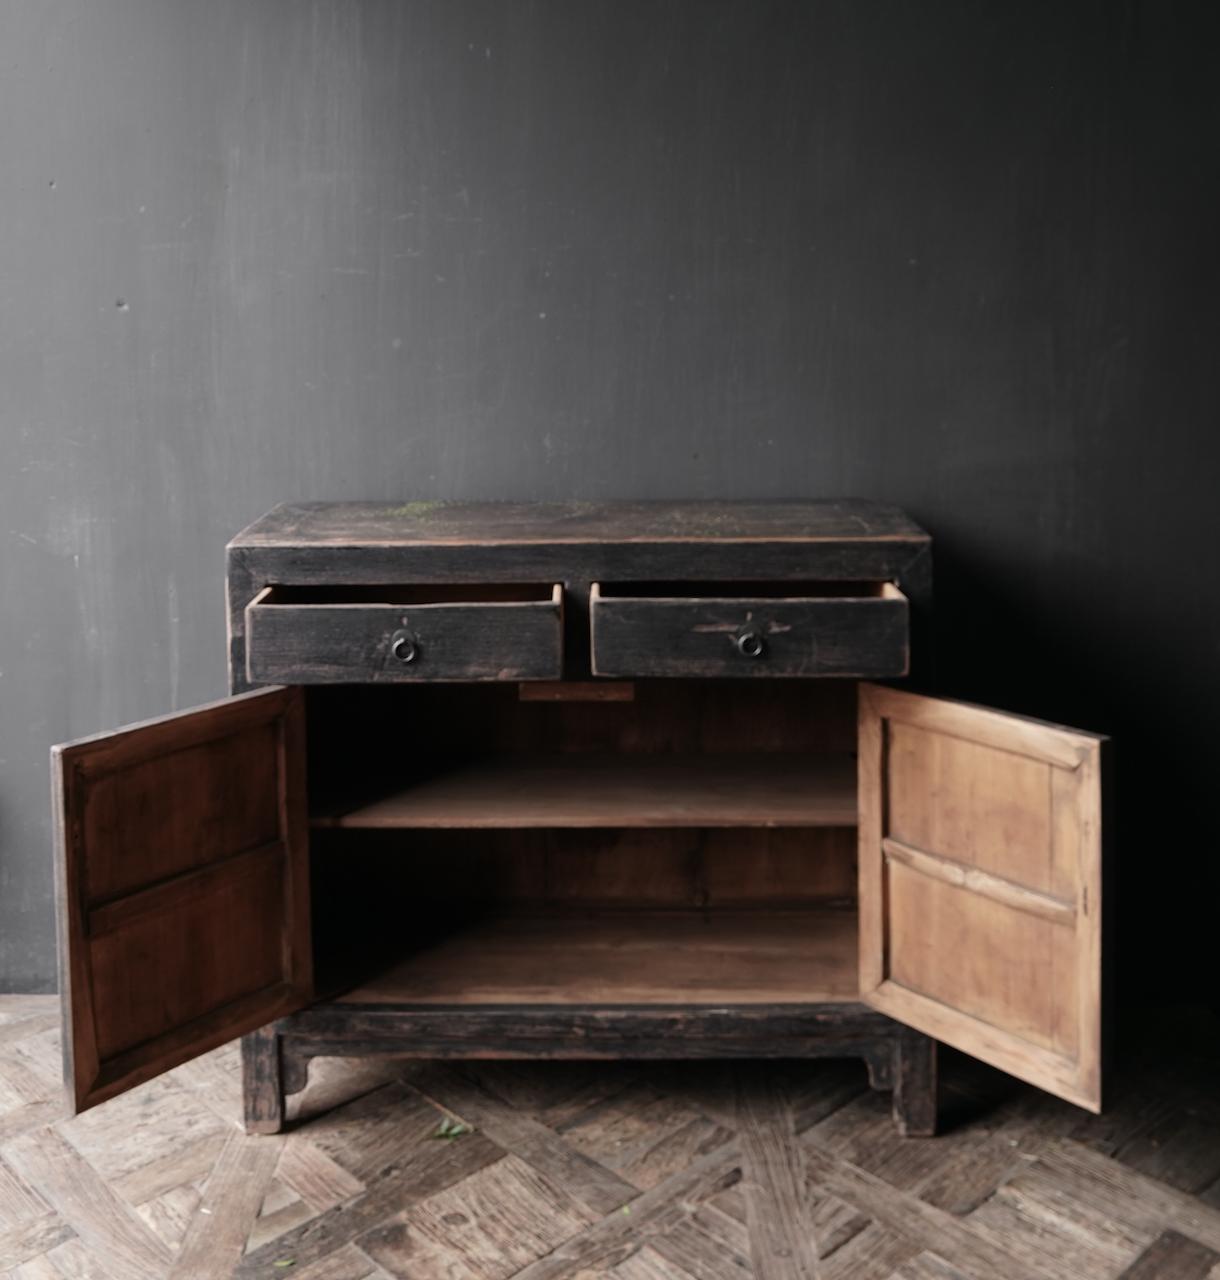 Ländlicher dunkler zweitüriger Holzschrank / Sideboard-7